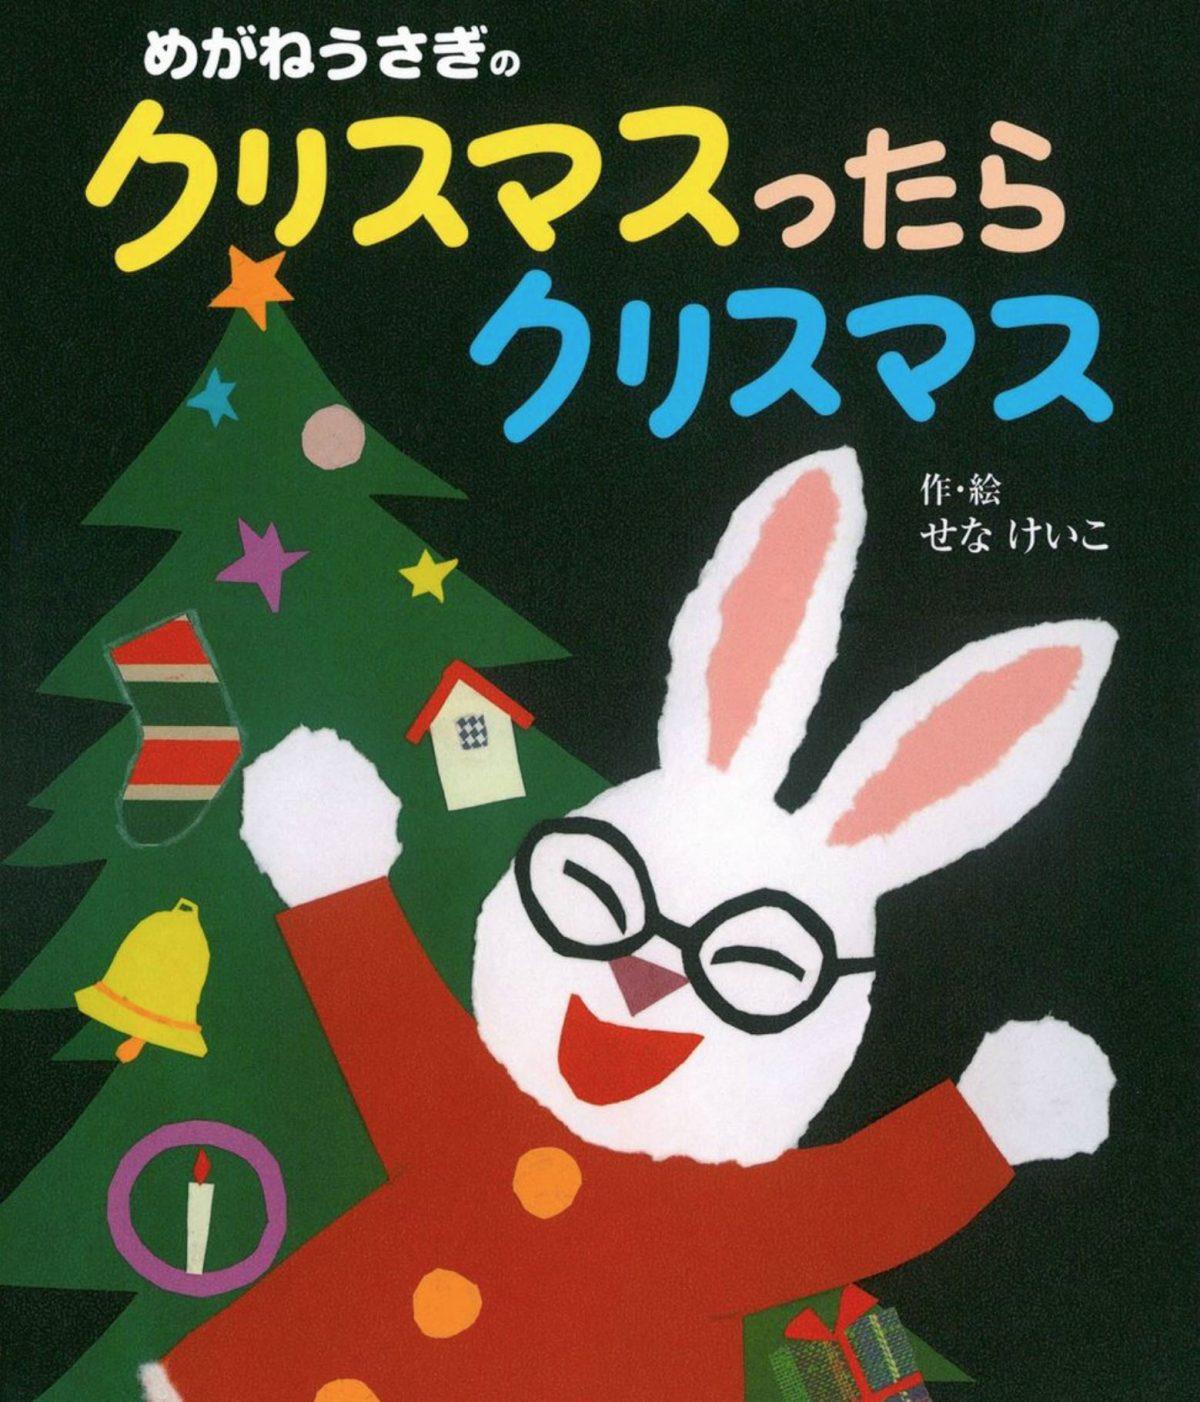 絵本「めがねうさぎのクリスマスったらクリスマス」の表紙